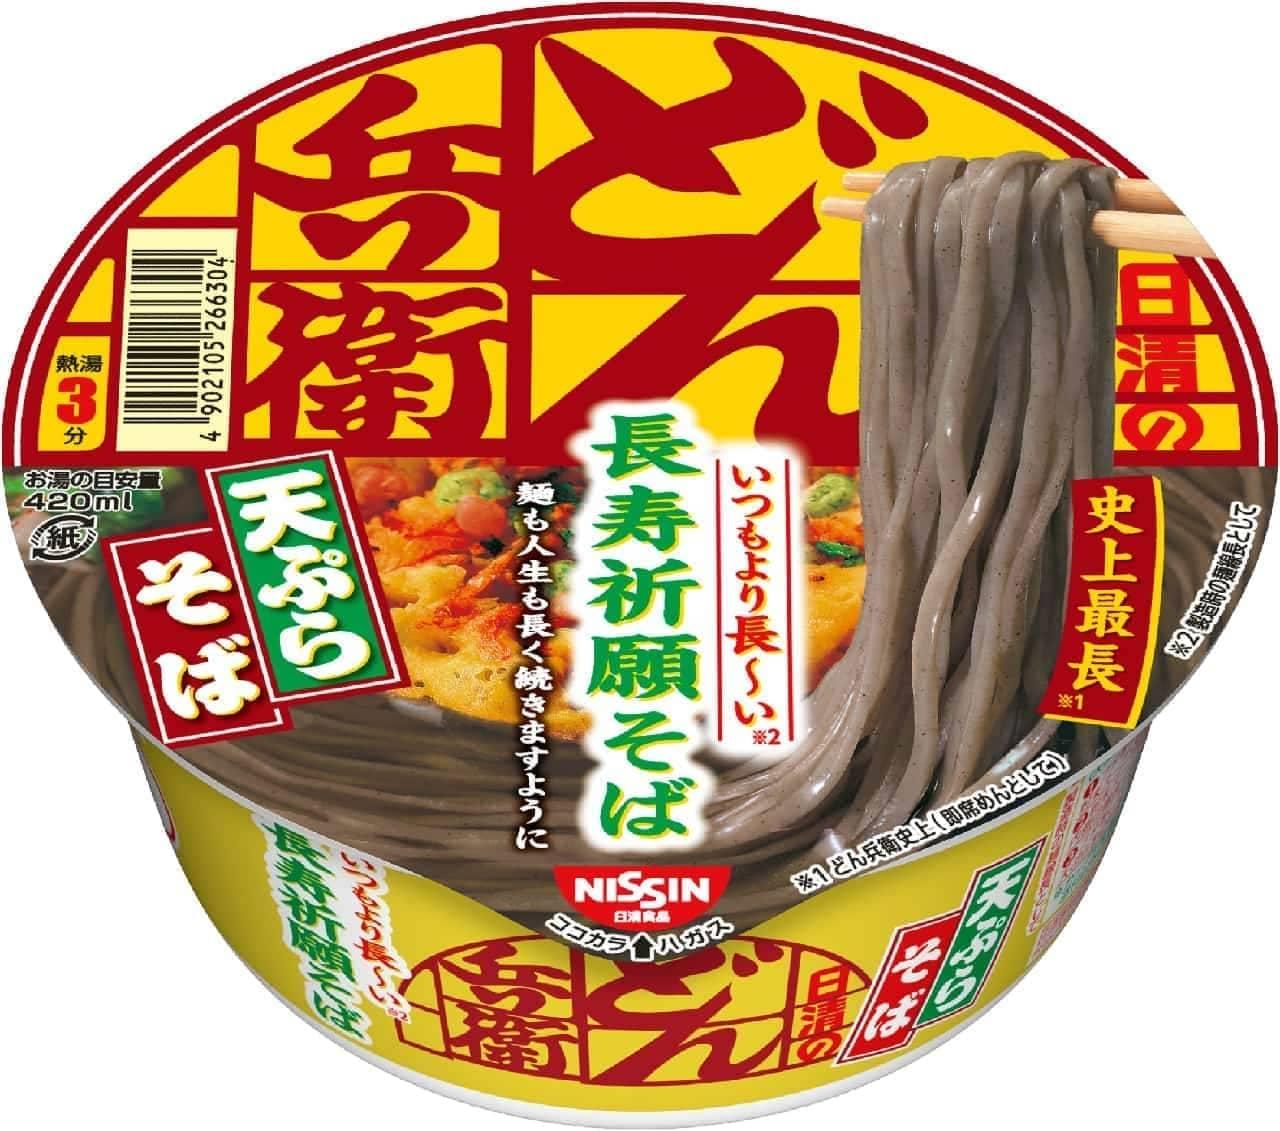 日清のどん兵衛 天ぷらそば いつもより長~い長寿祈願そば